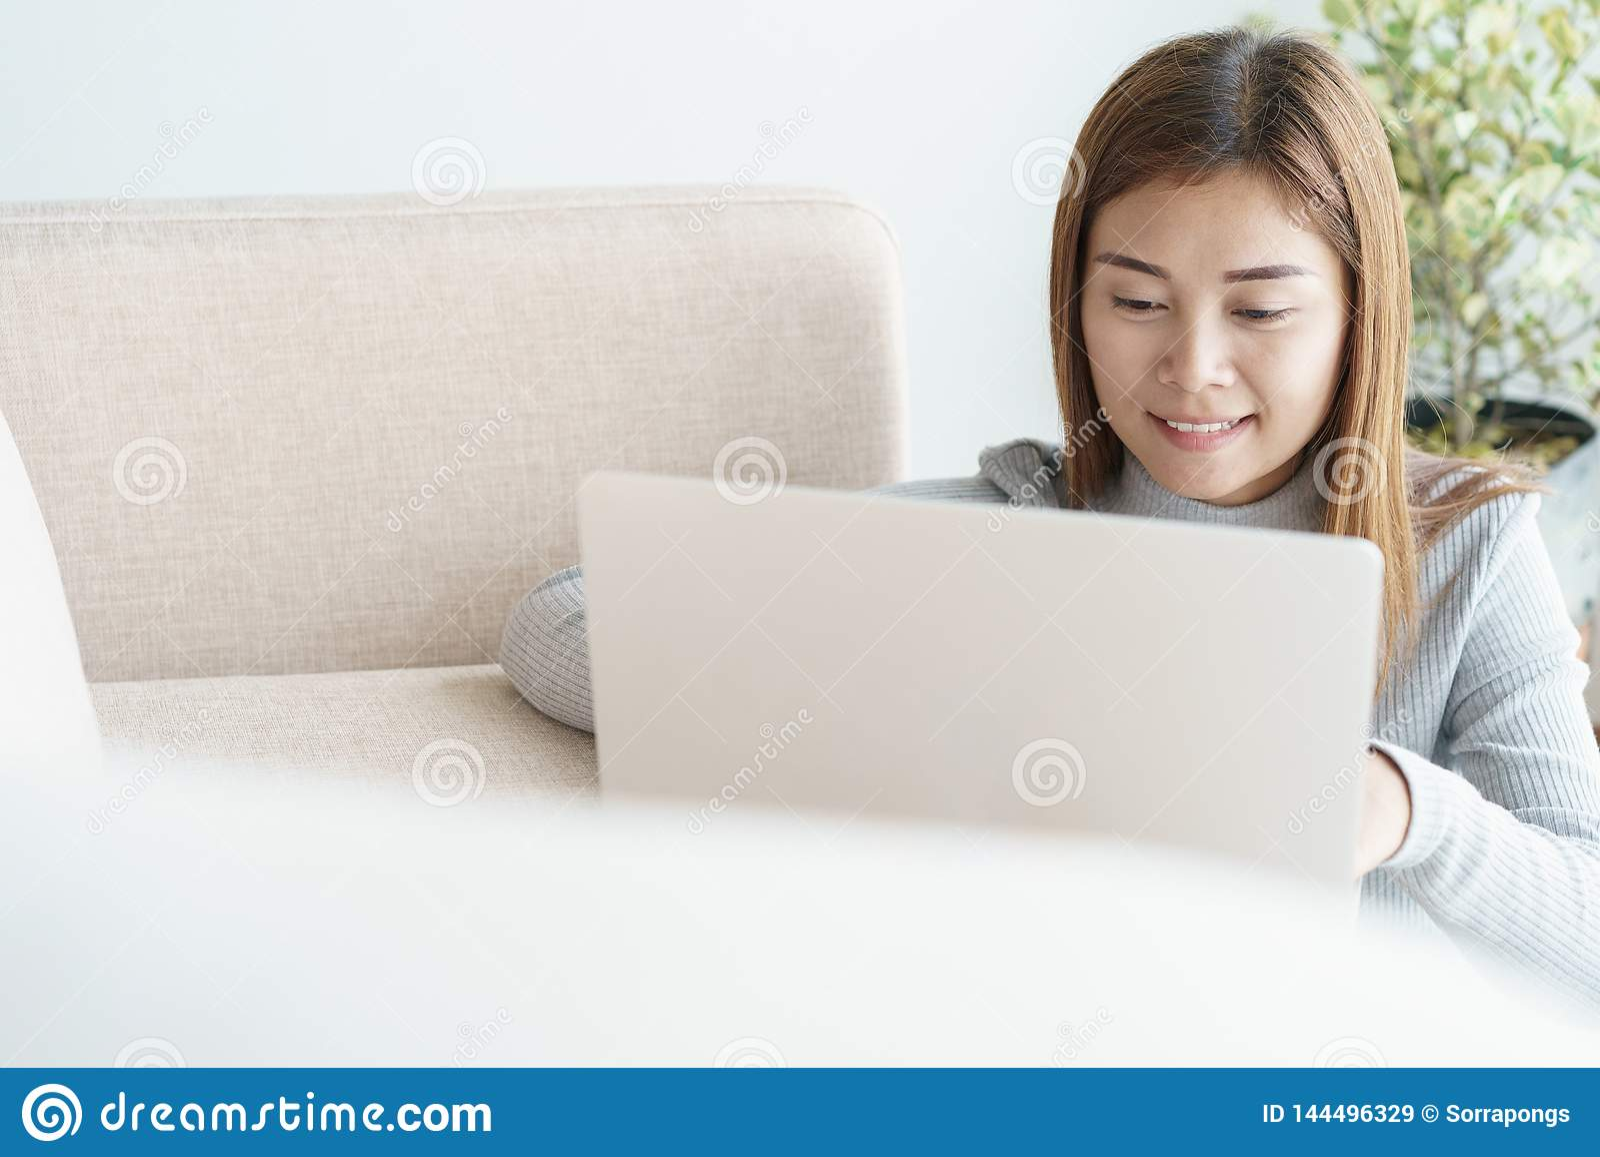 Asiatin arbeitet an Laptop im Wohnzimmer Sie sitzt auf dem Boden und Sofa ist Schreibtisch